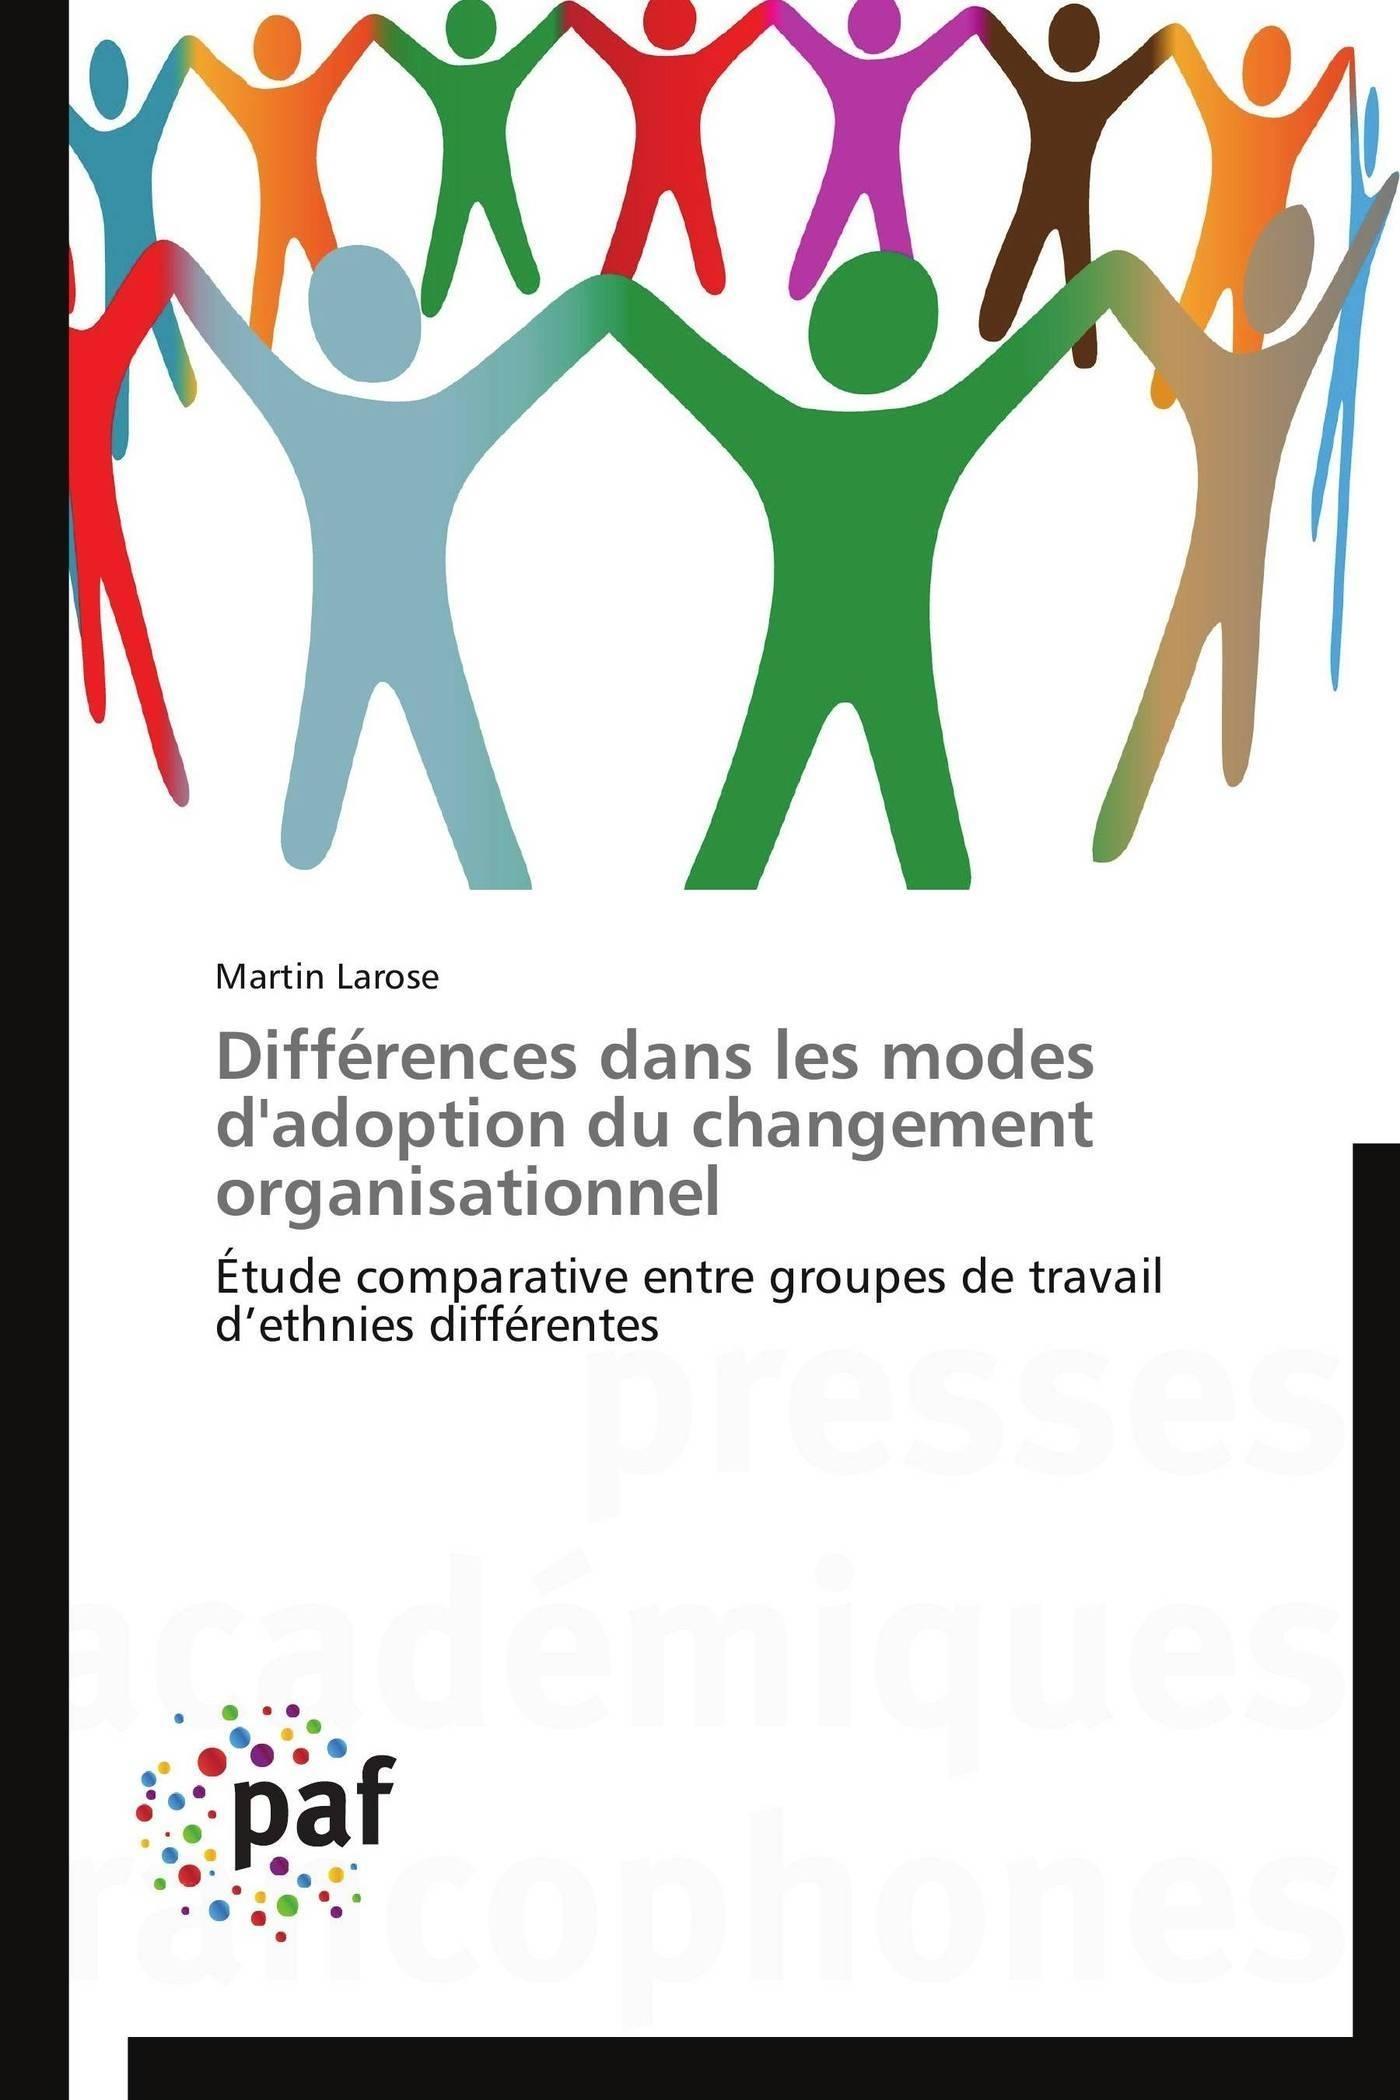 DIFFERENCES DANS LES MODES D'ADOPTION DU CHANGEMENT ORGANISATIONNEL